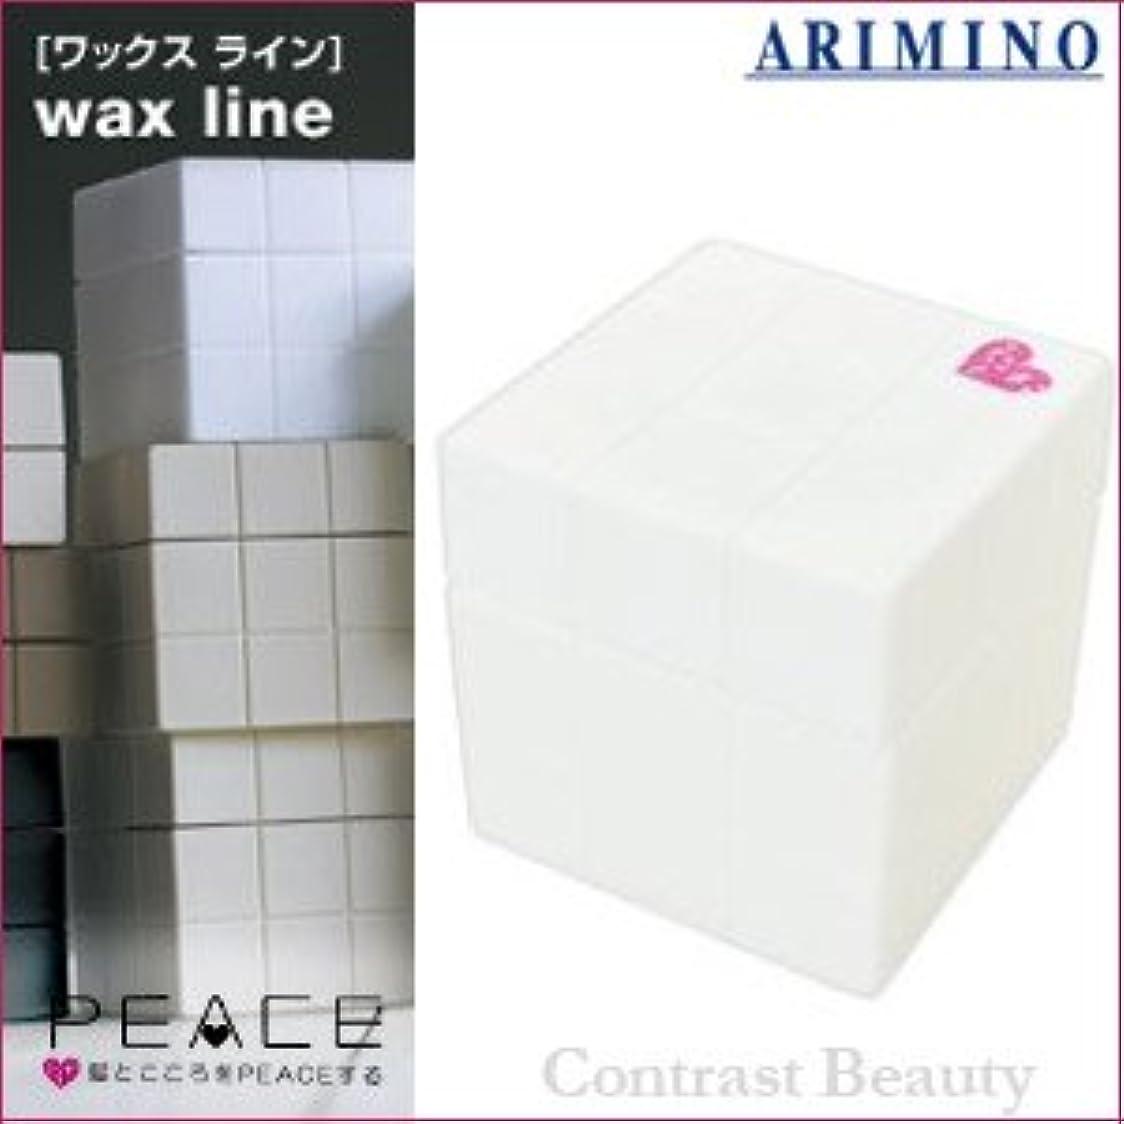 ヒロイック刻むアイドル【X5個セット】 アリミノ ピース プロデザインシリーズ グロスワックス ホワイト 80g ARIMINO